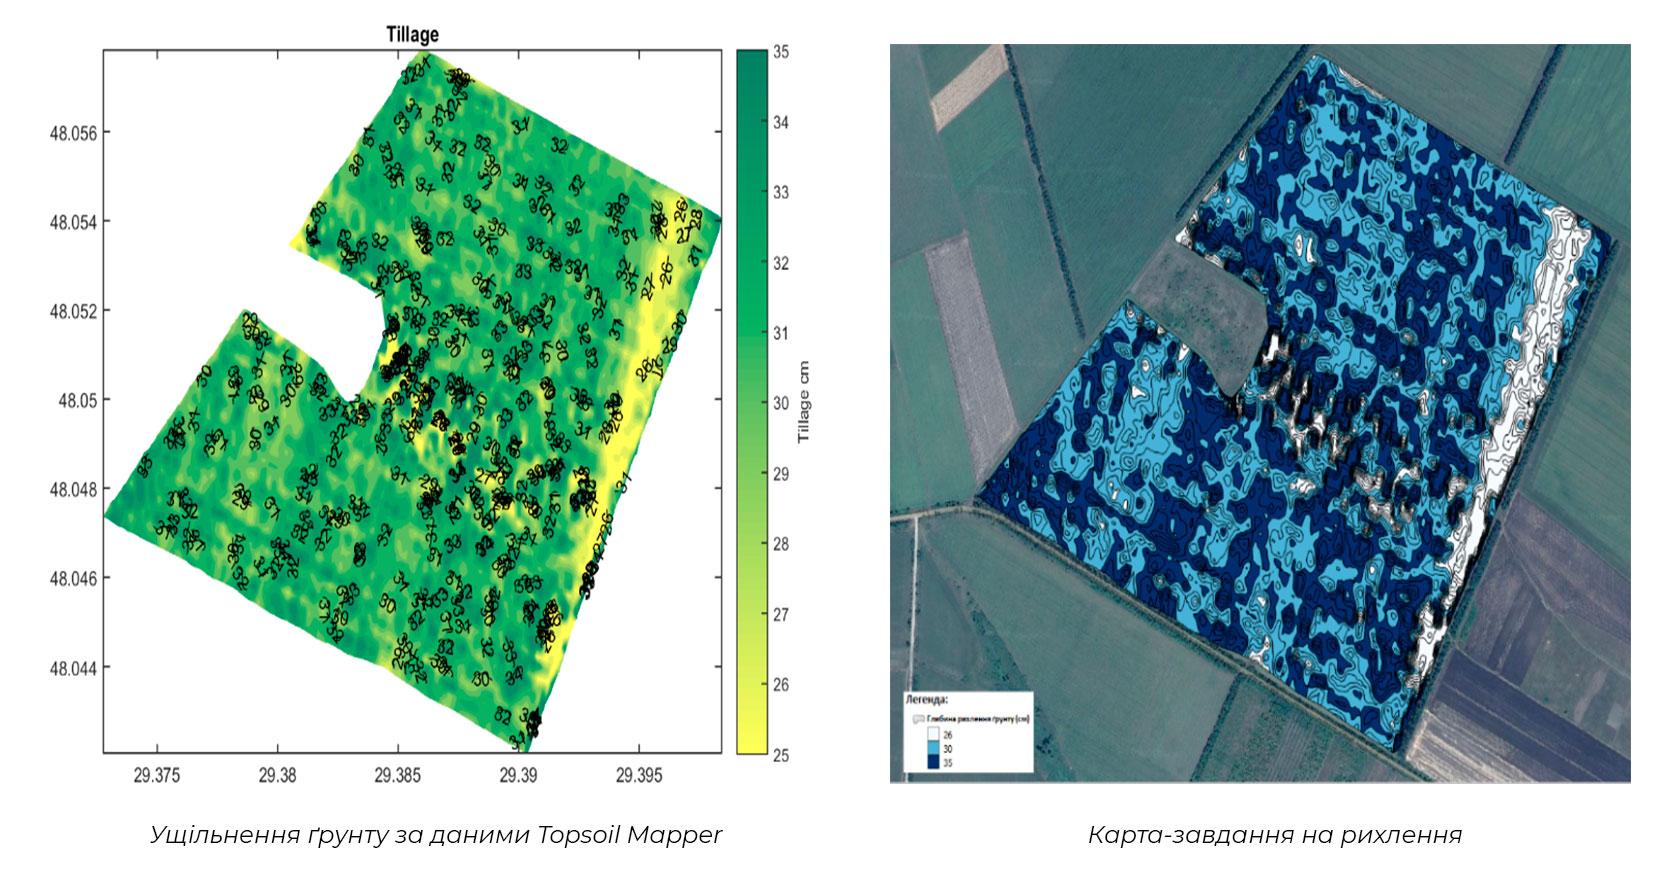 Карта-завдання на основі сканування ґрунту